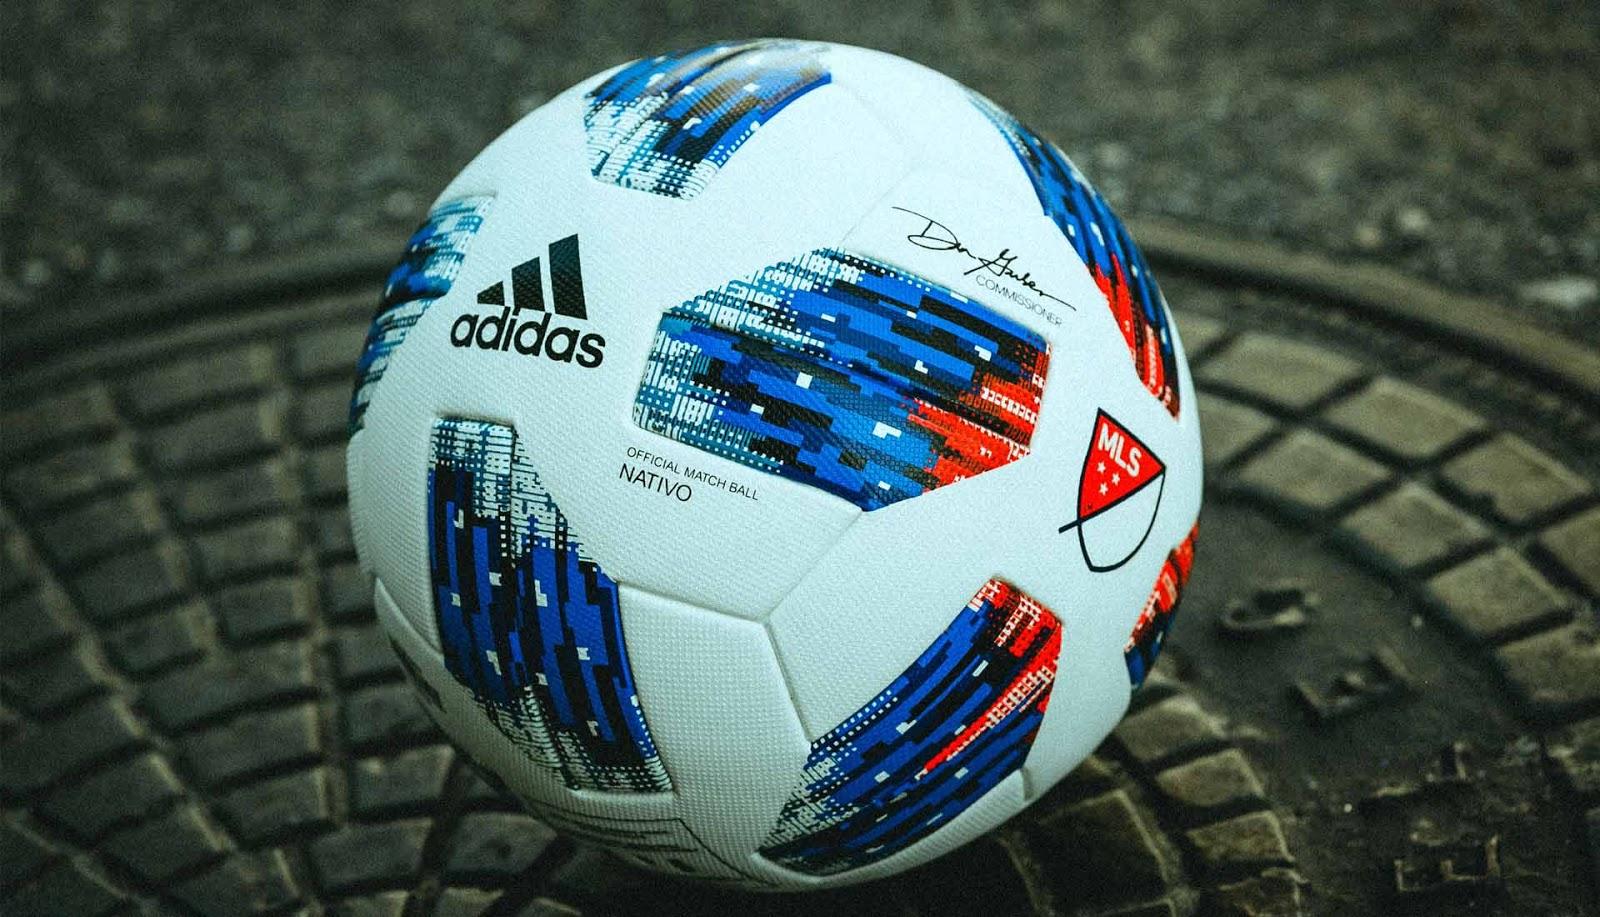 Новый мяч чемпионата МЛС Adidas Nativo 2018